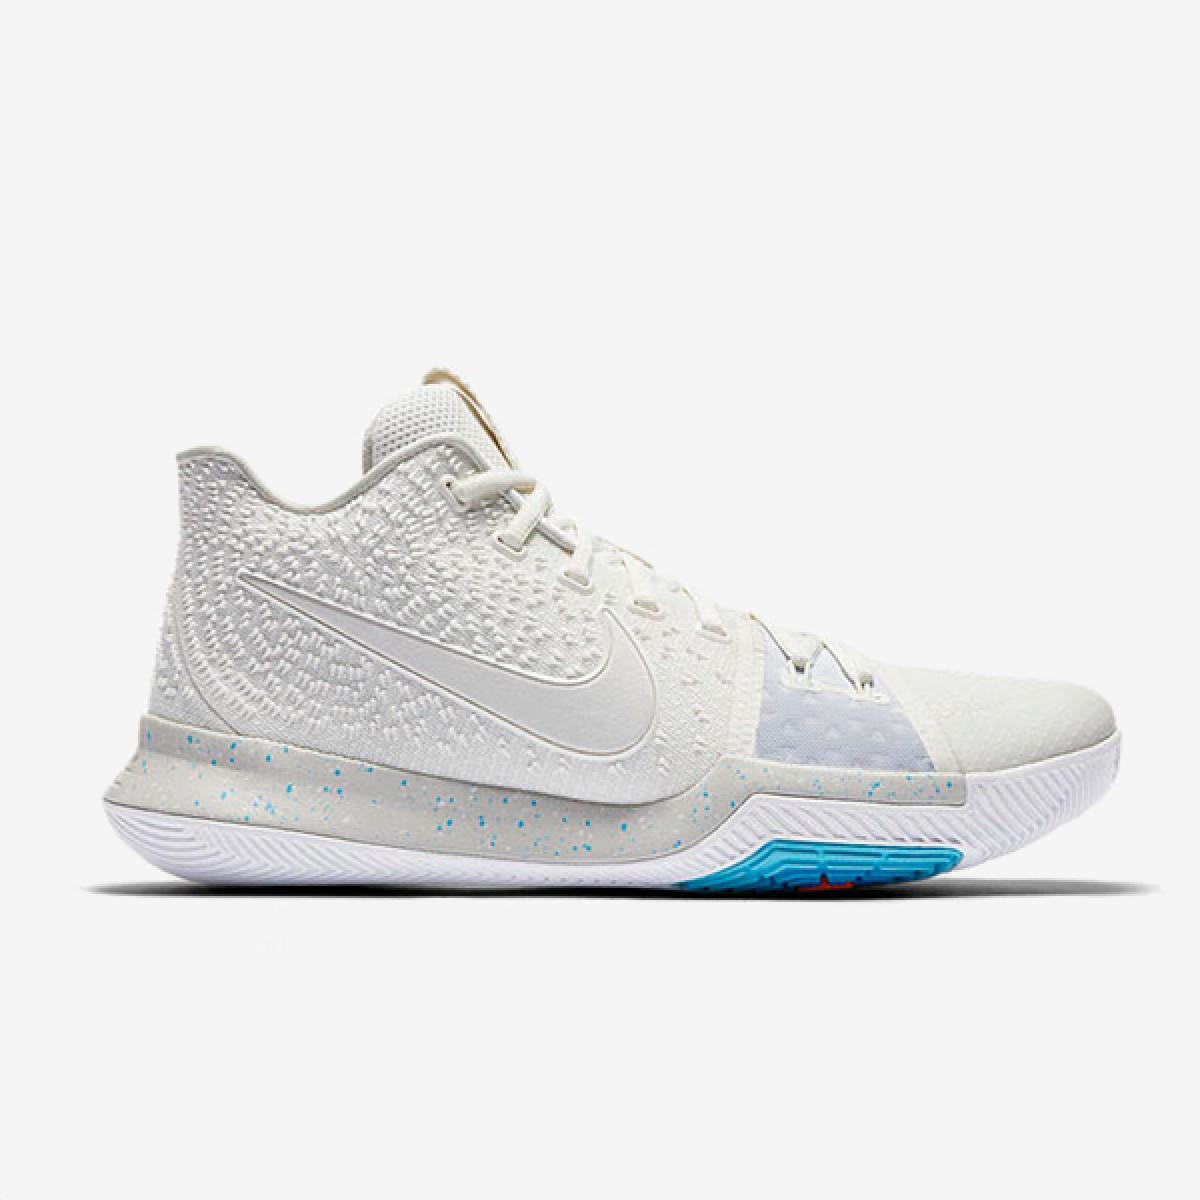 Nike Kyrie 3 GS 'Ivory'